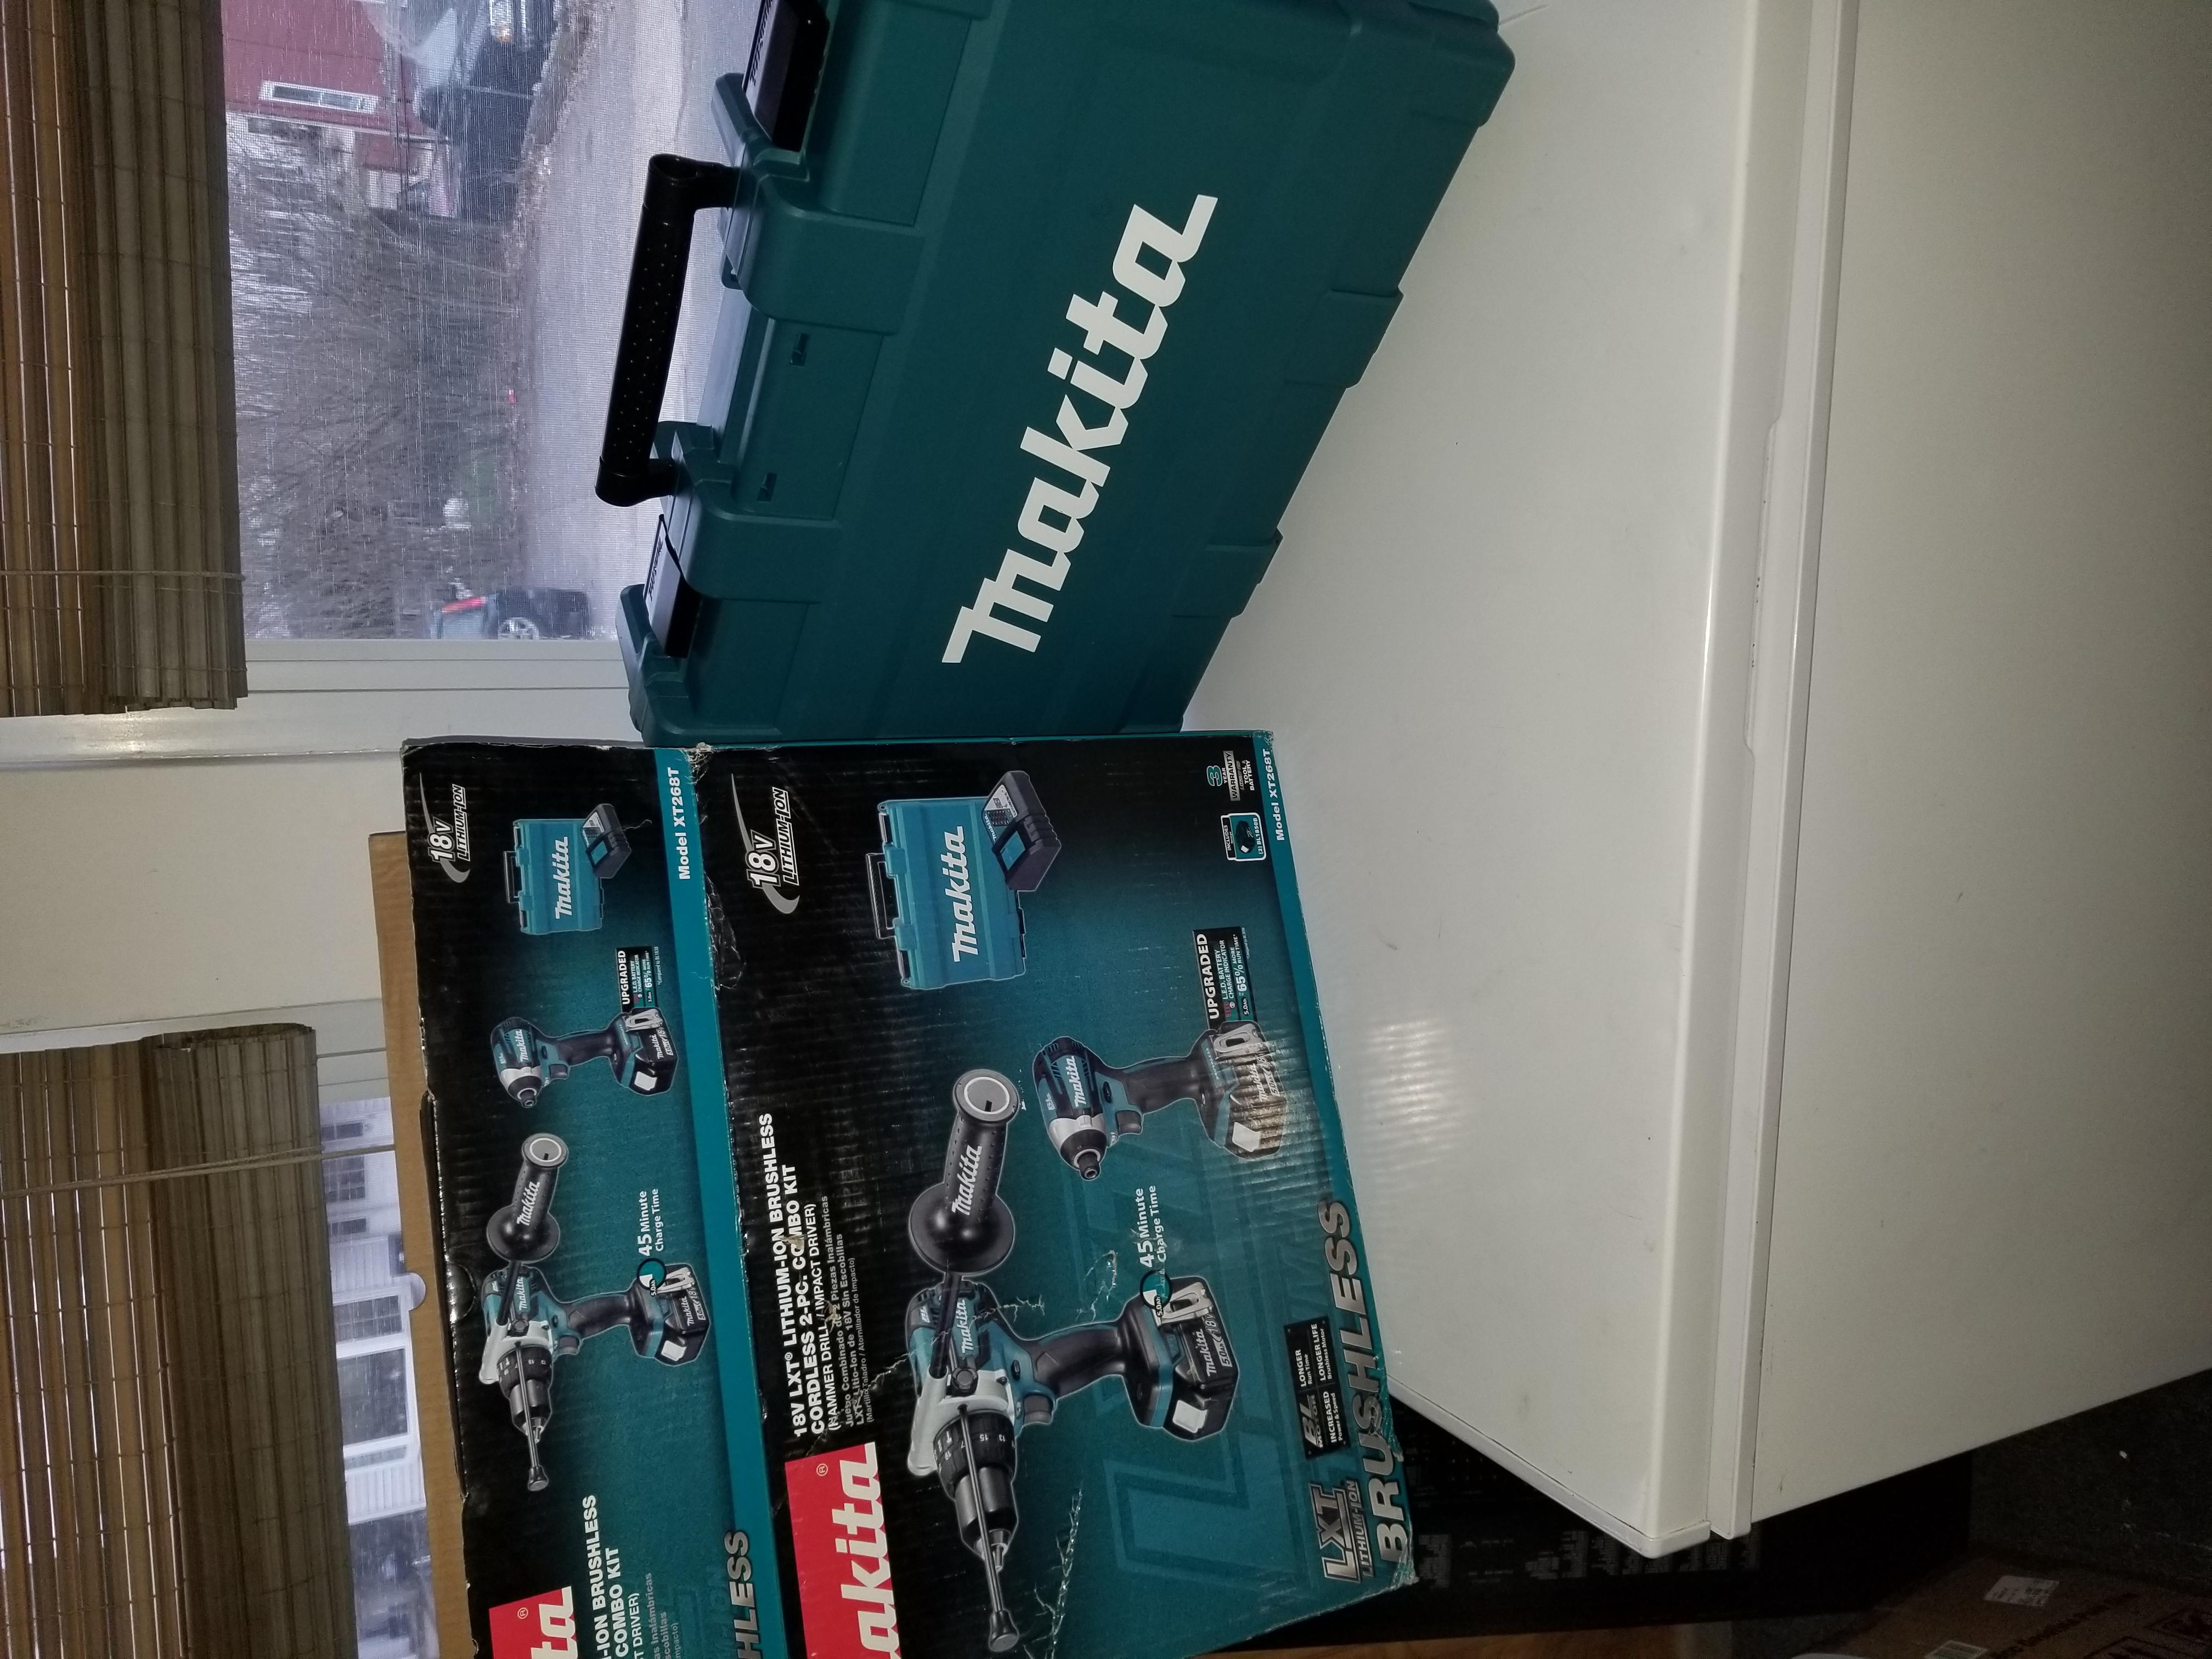 Brushless 5amp hr 18v Makita Hammer drill and impact driver kit!